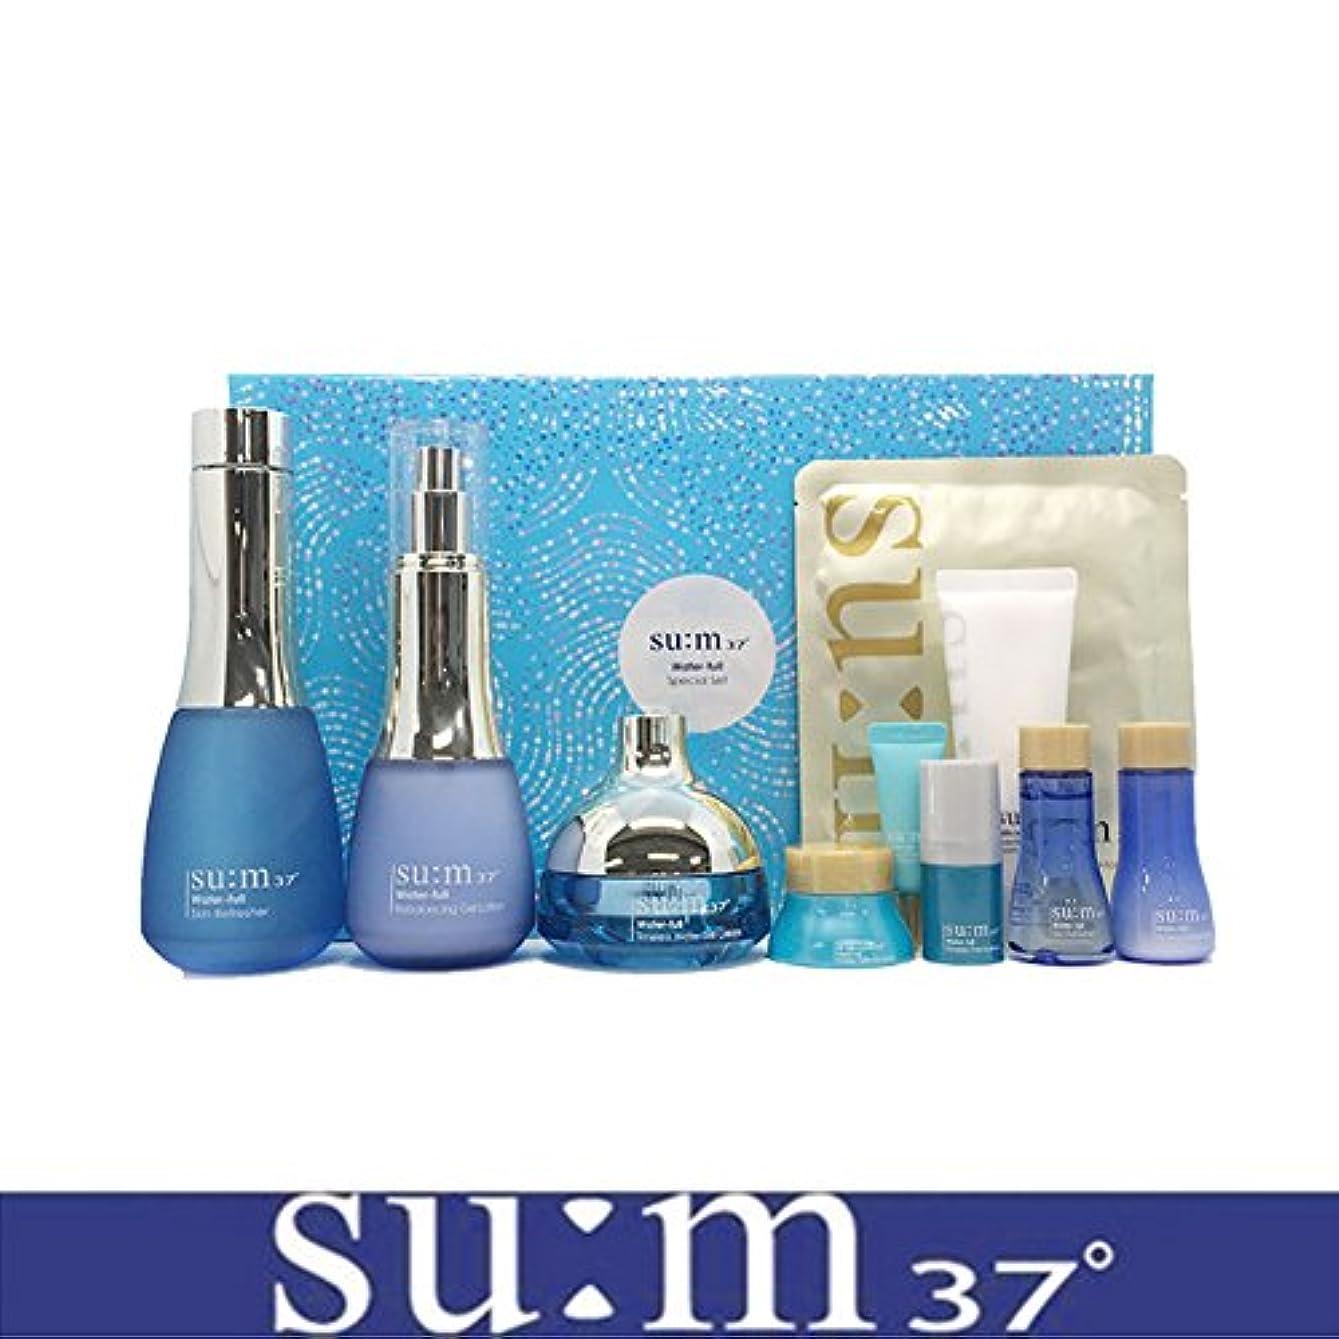 器具ブラジャーハイジャック[su:m37/スム37°] SUM37 Water full 3pcs Special Skincare Set/sum37 スム37 ウォーターフル 3種企画セット+[Sample Gift](海外直送品)